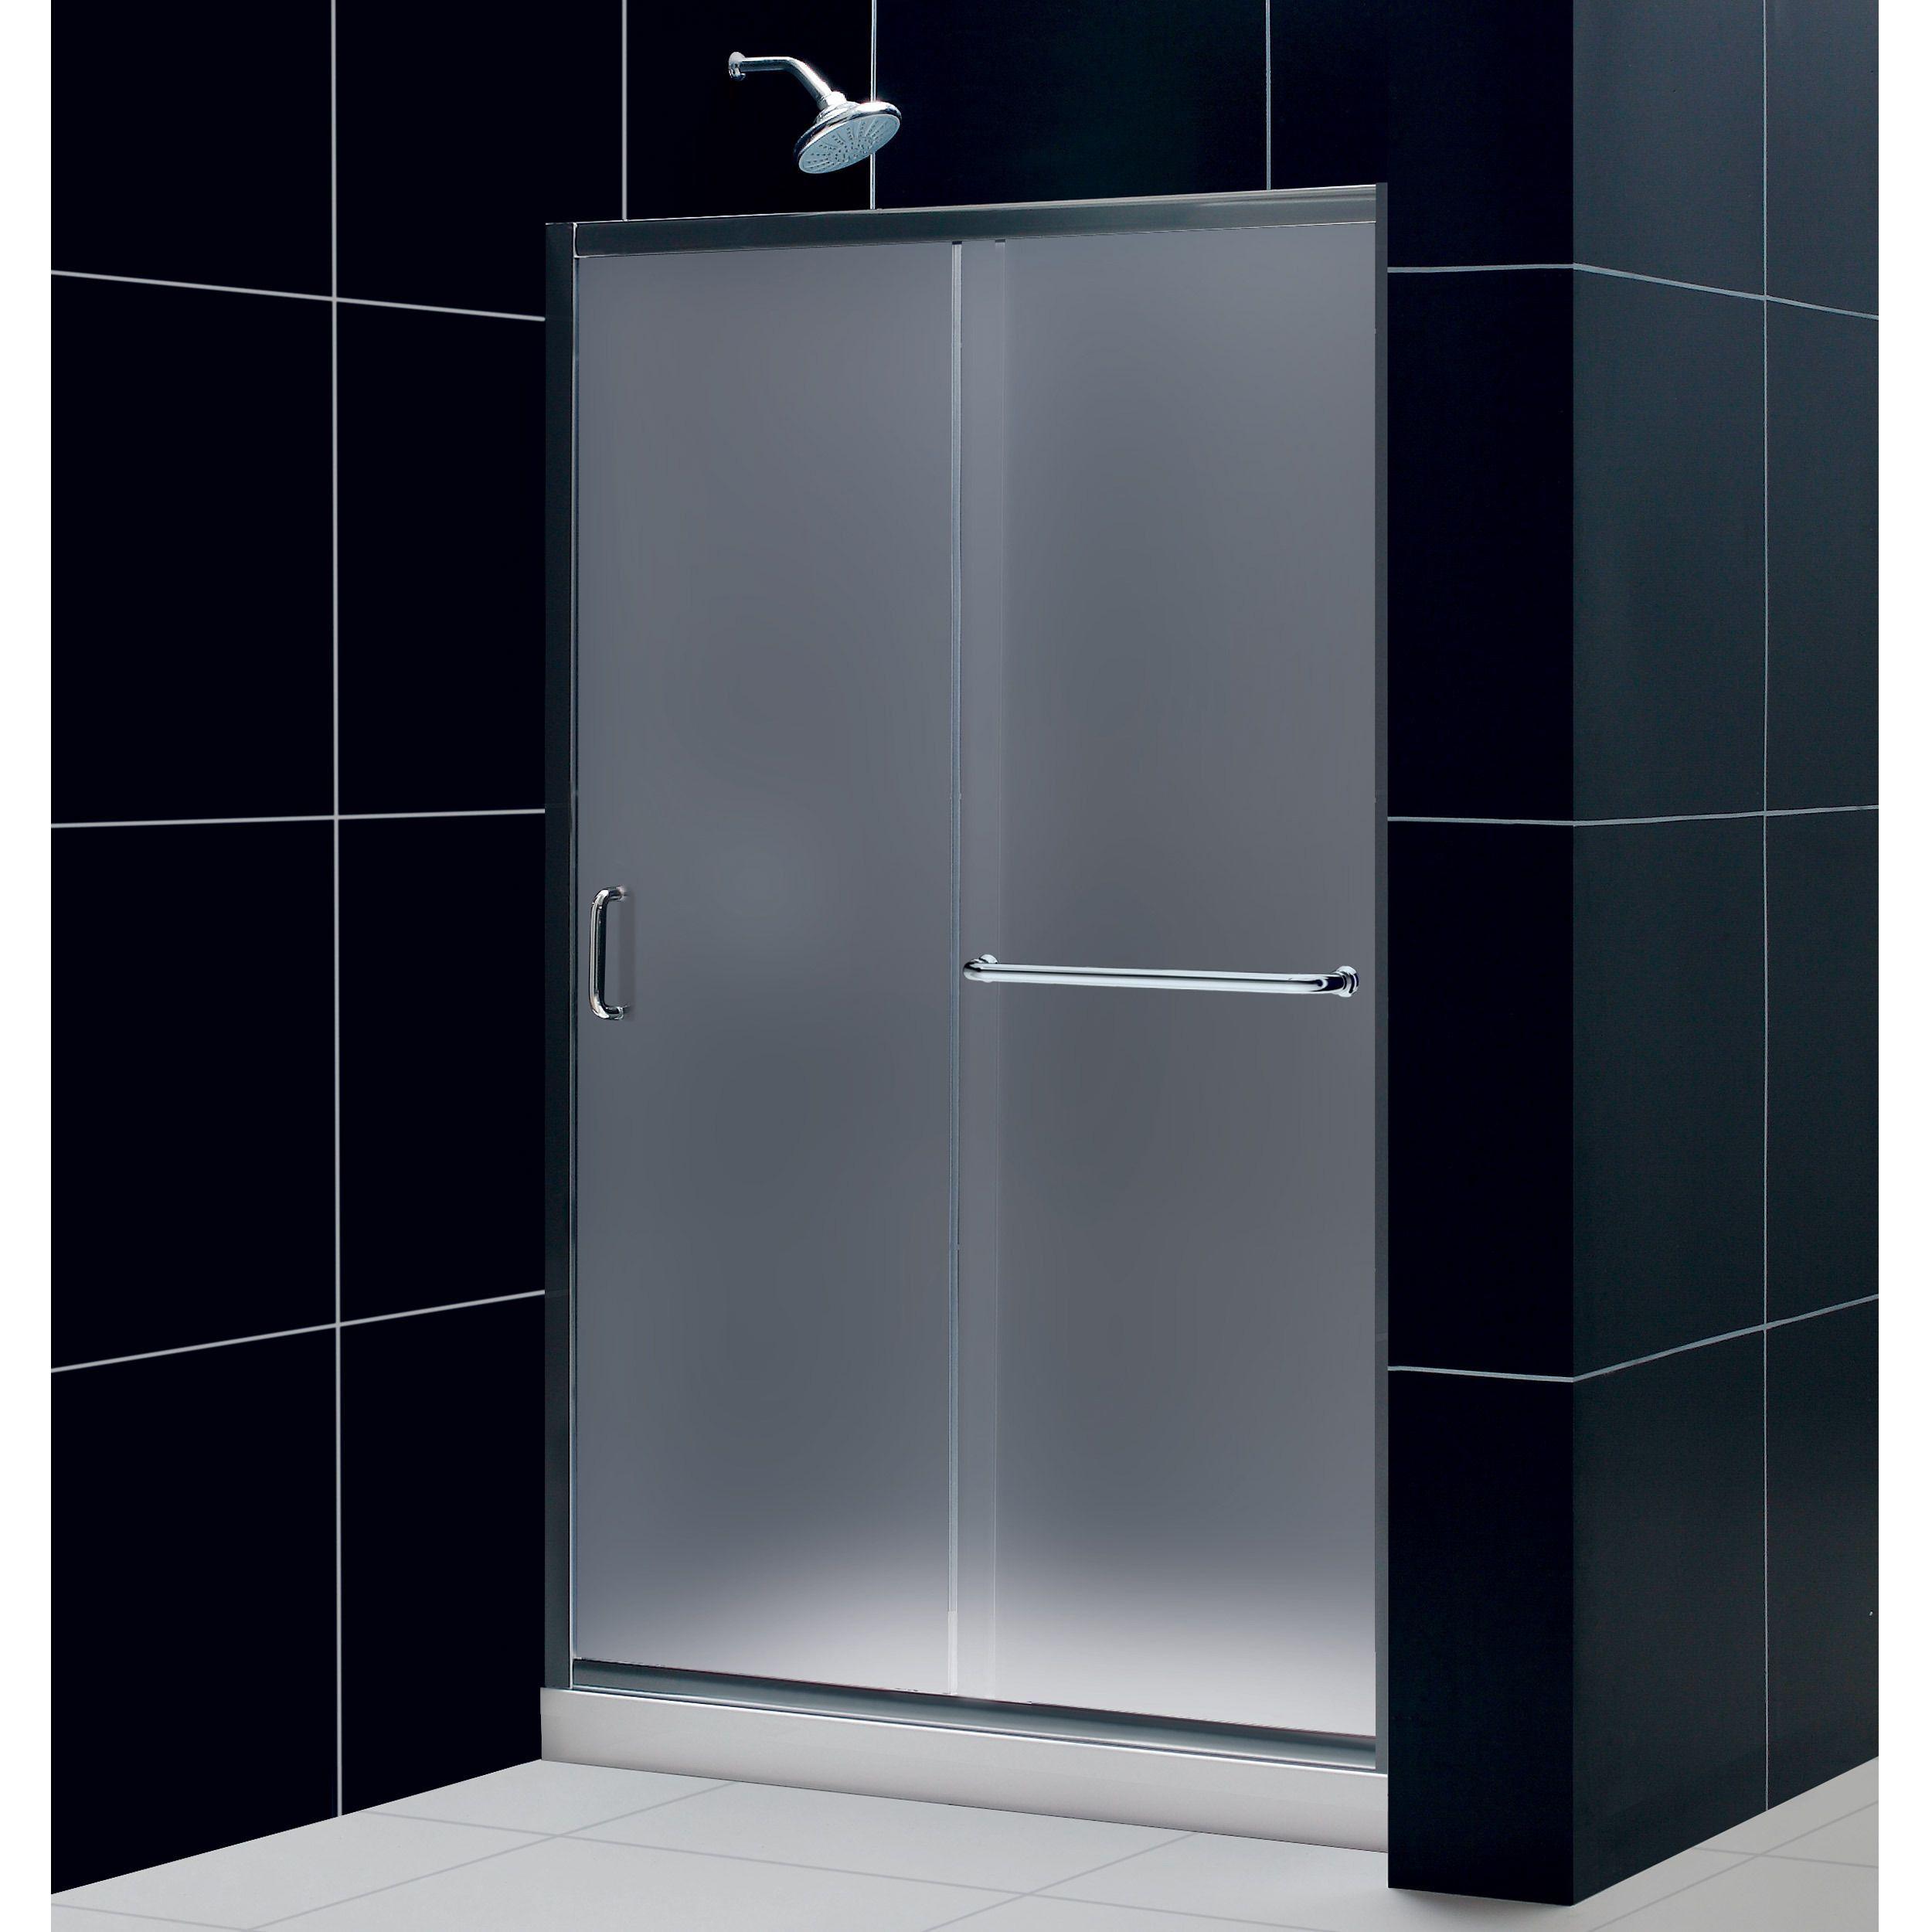 Dreamline Infinity Z Frameless Sliding Shower Door 36 X 48 Inch